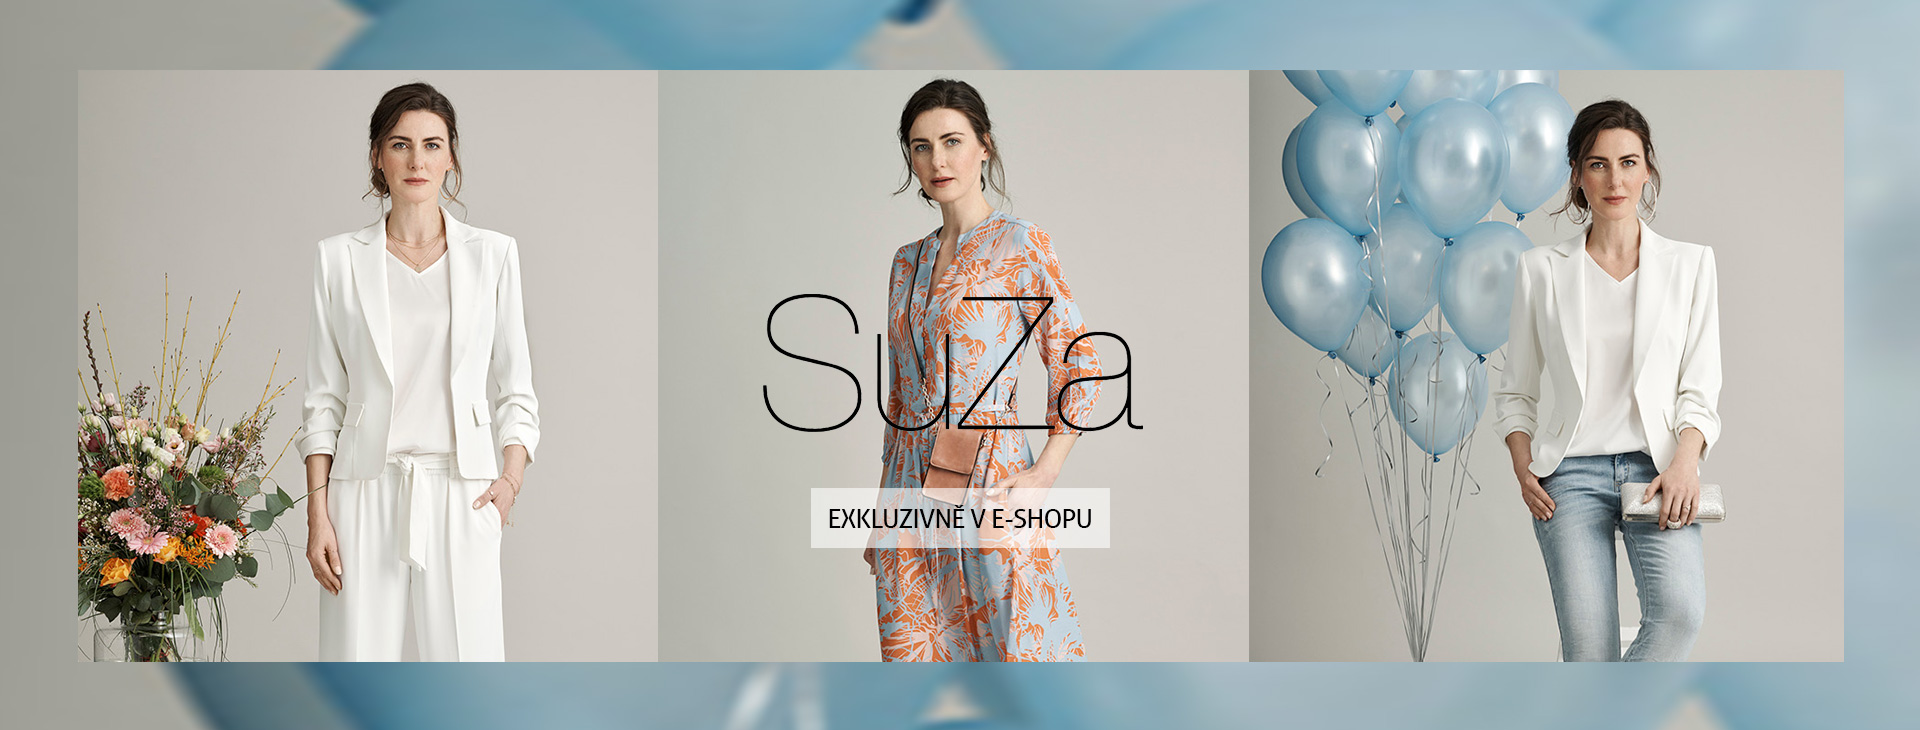 SuZa nové kolekce